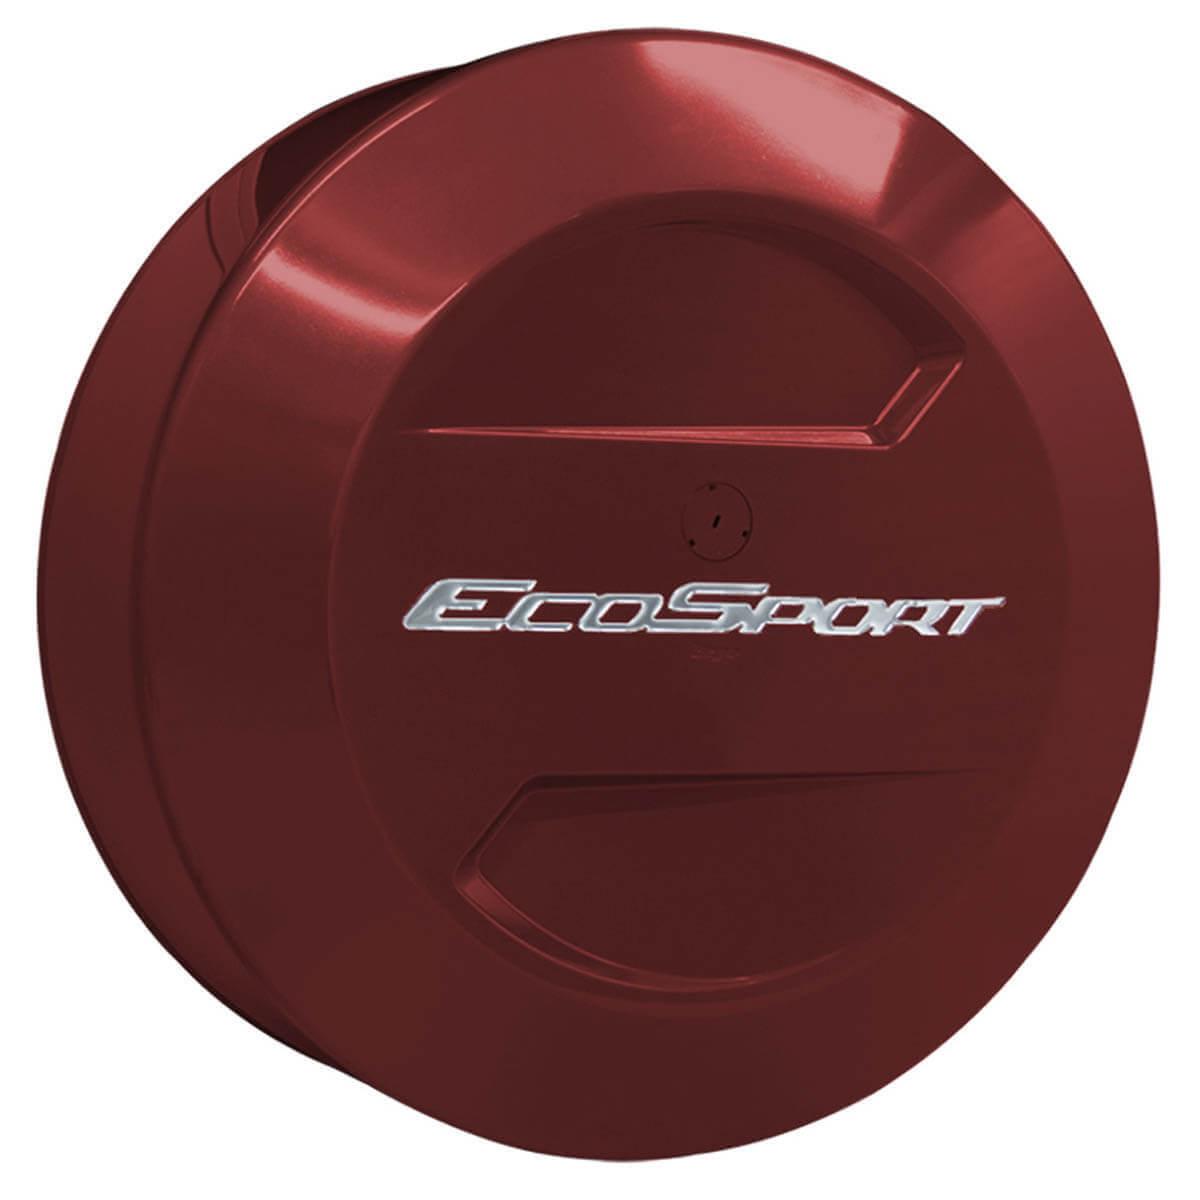 Capa de estepe Bepo rígida Ecosport 2015 2016 2017 cor Vermelho Merlot